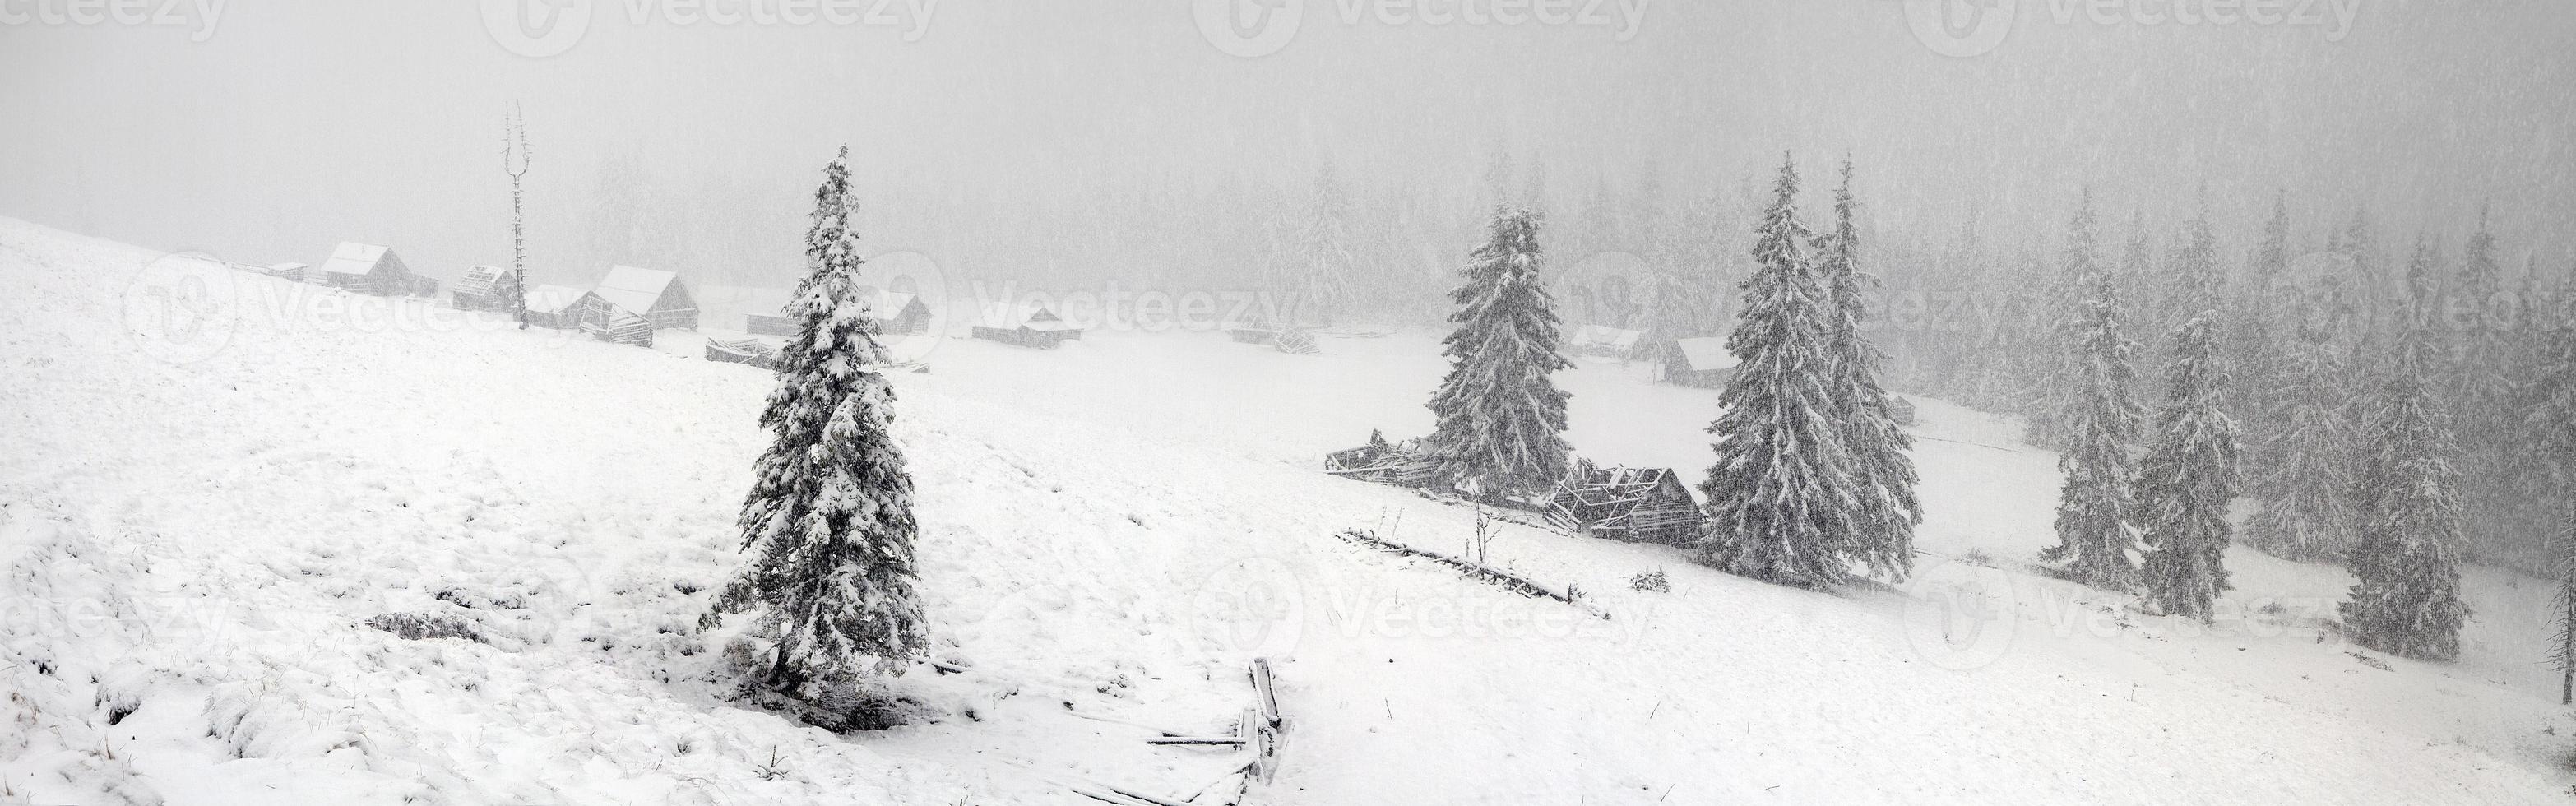 alpino es el clima foto